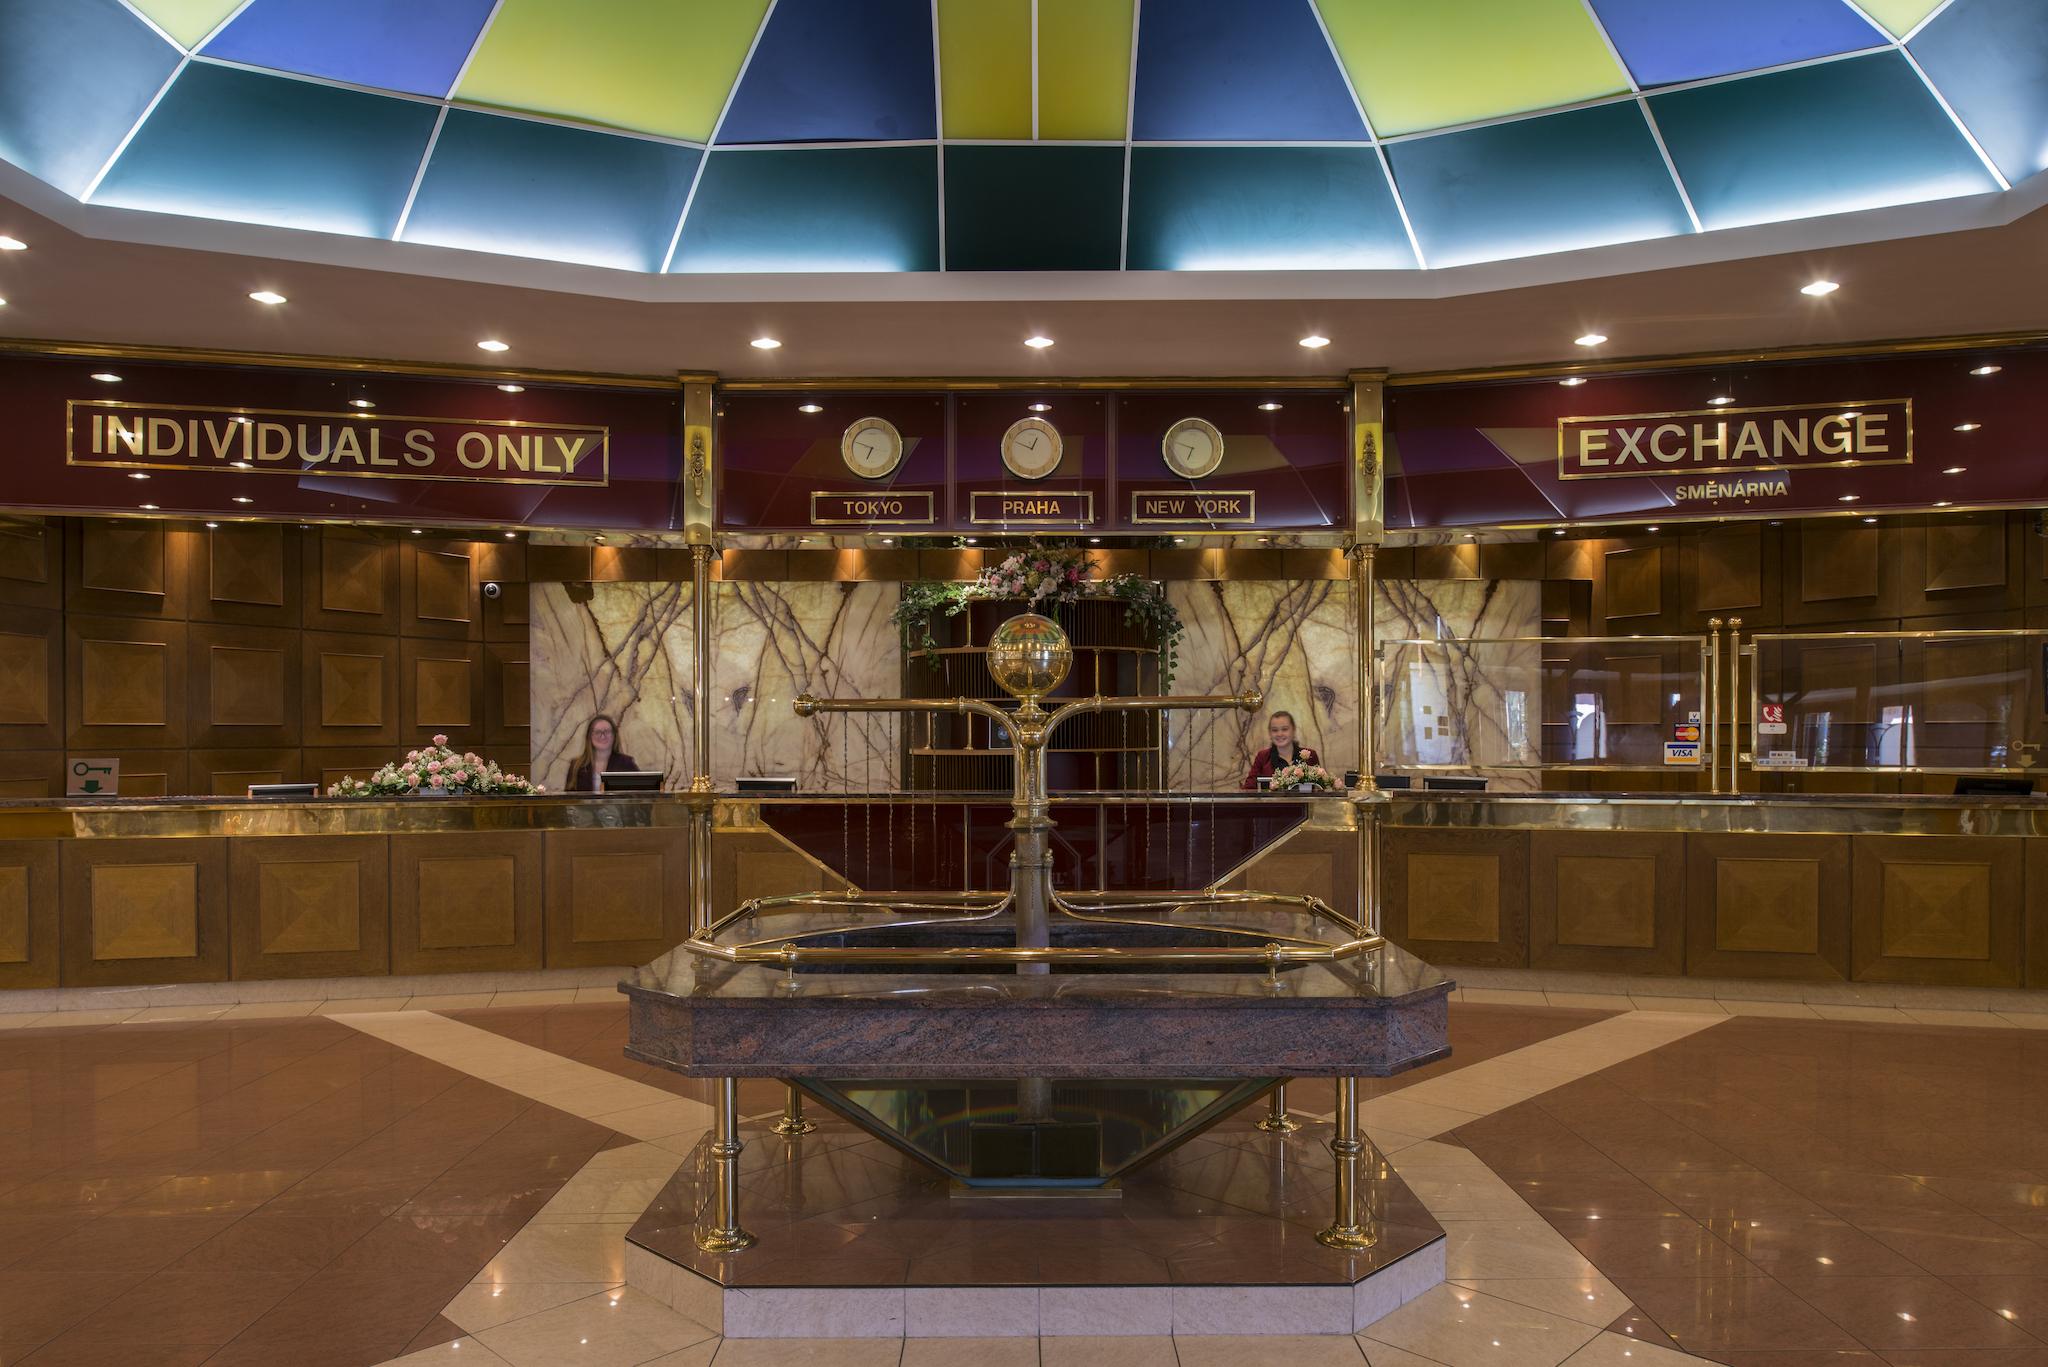 Ber das hotel top hotel praha congress centre prague for Hotel top prague